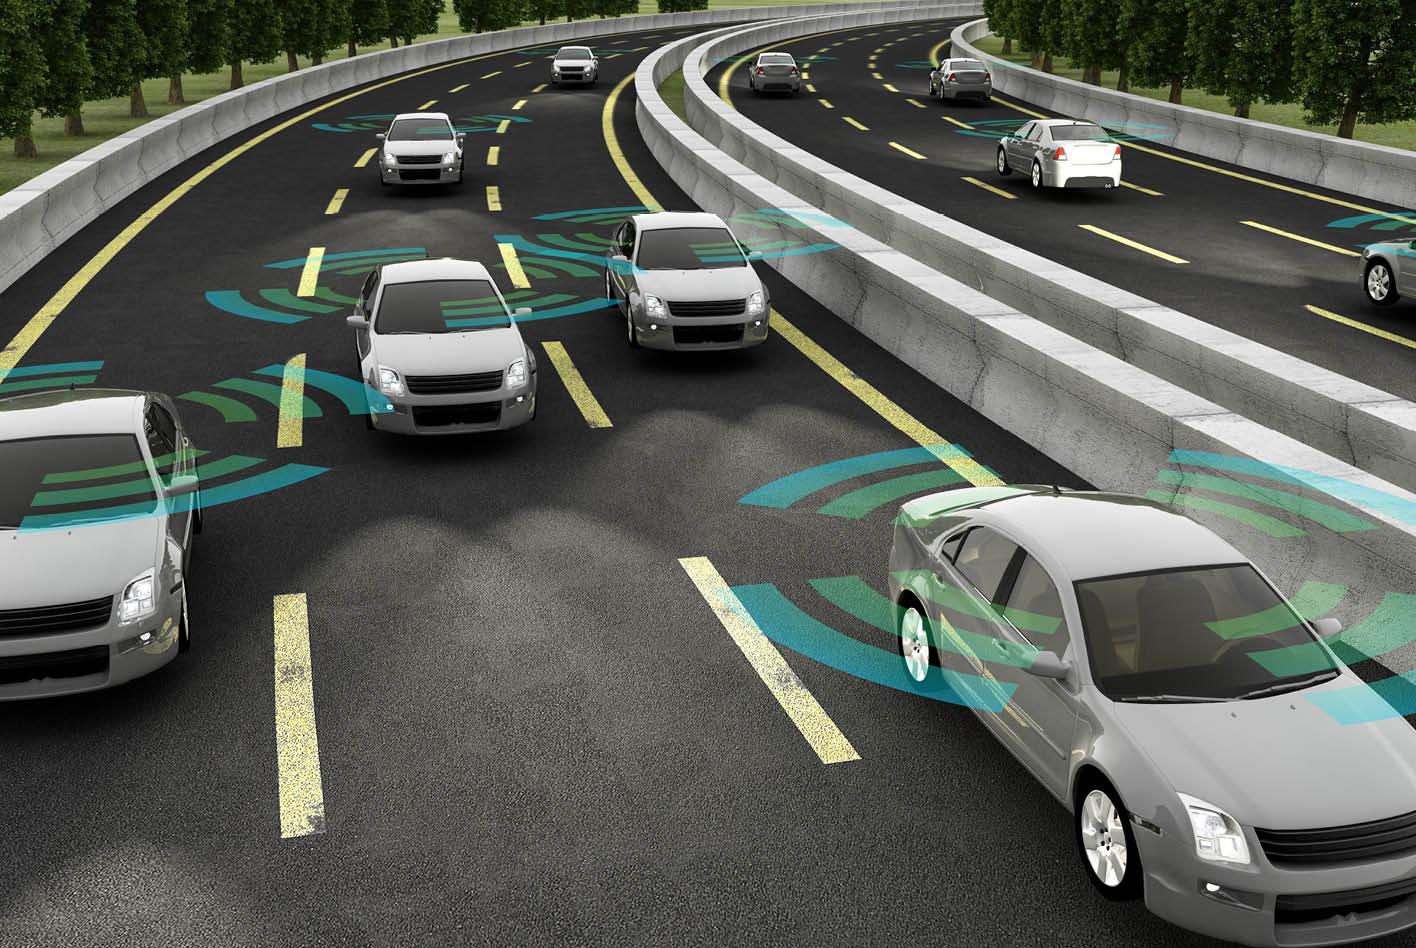 Sensorentechnik spielt eine immer wichtigere Rolle. Bild: Adobe Stock / Karneg